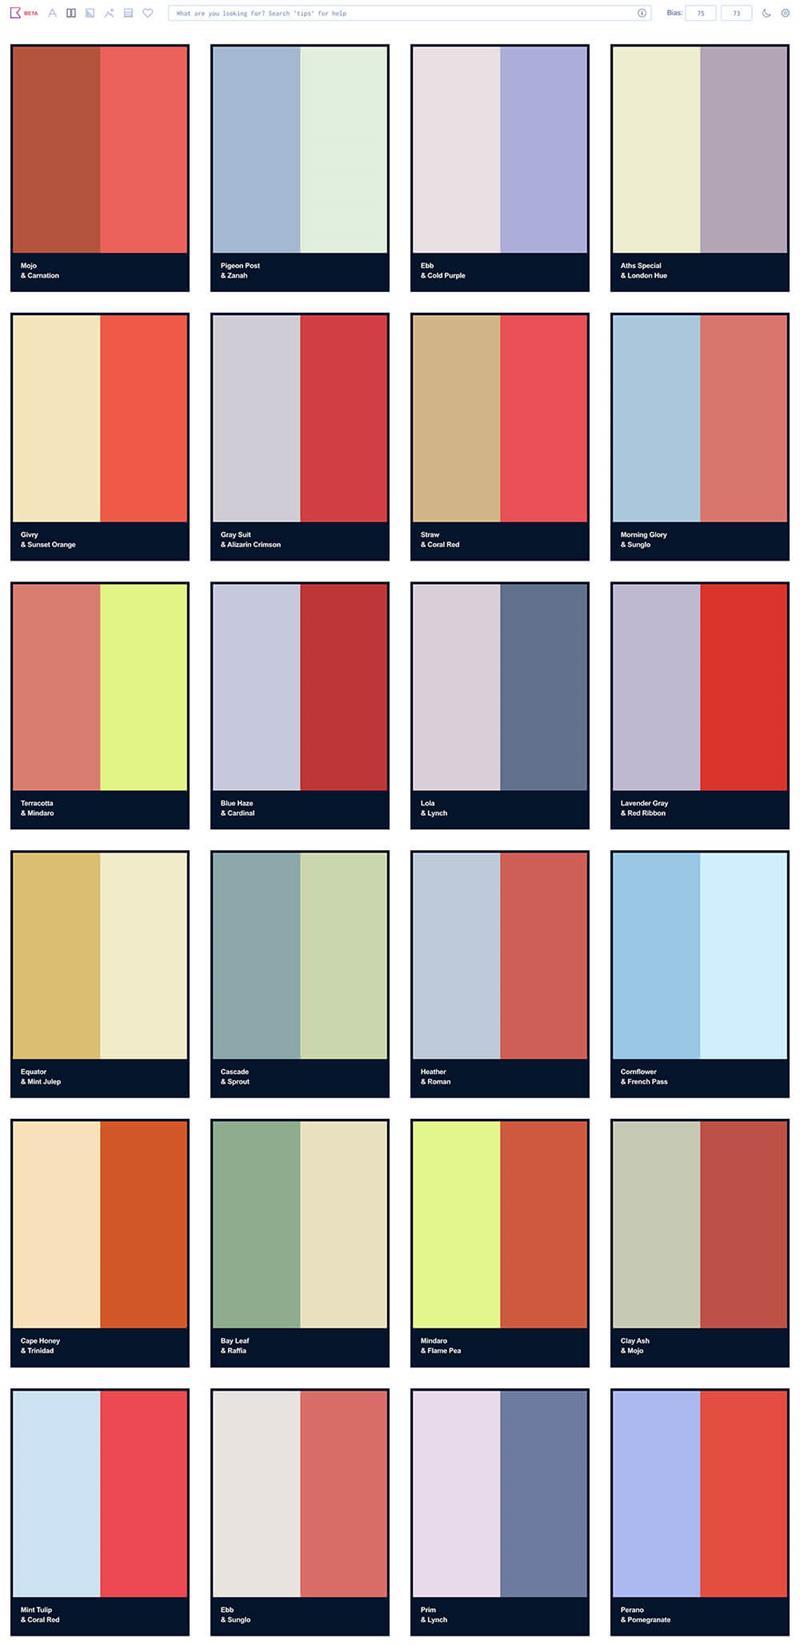 自动生成调色板!配色也可以用人工智能搞定